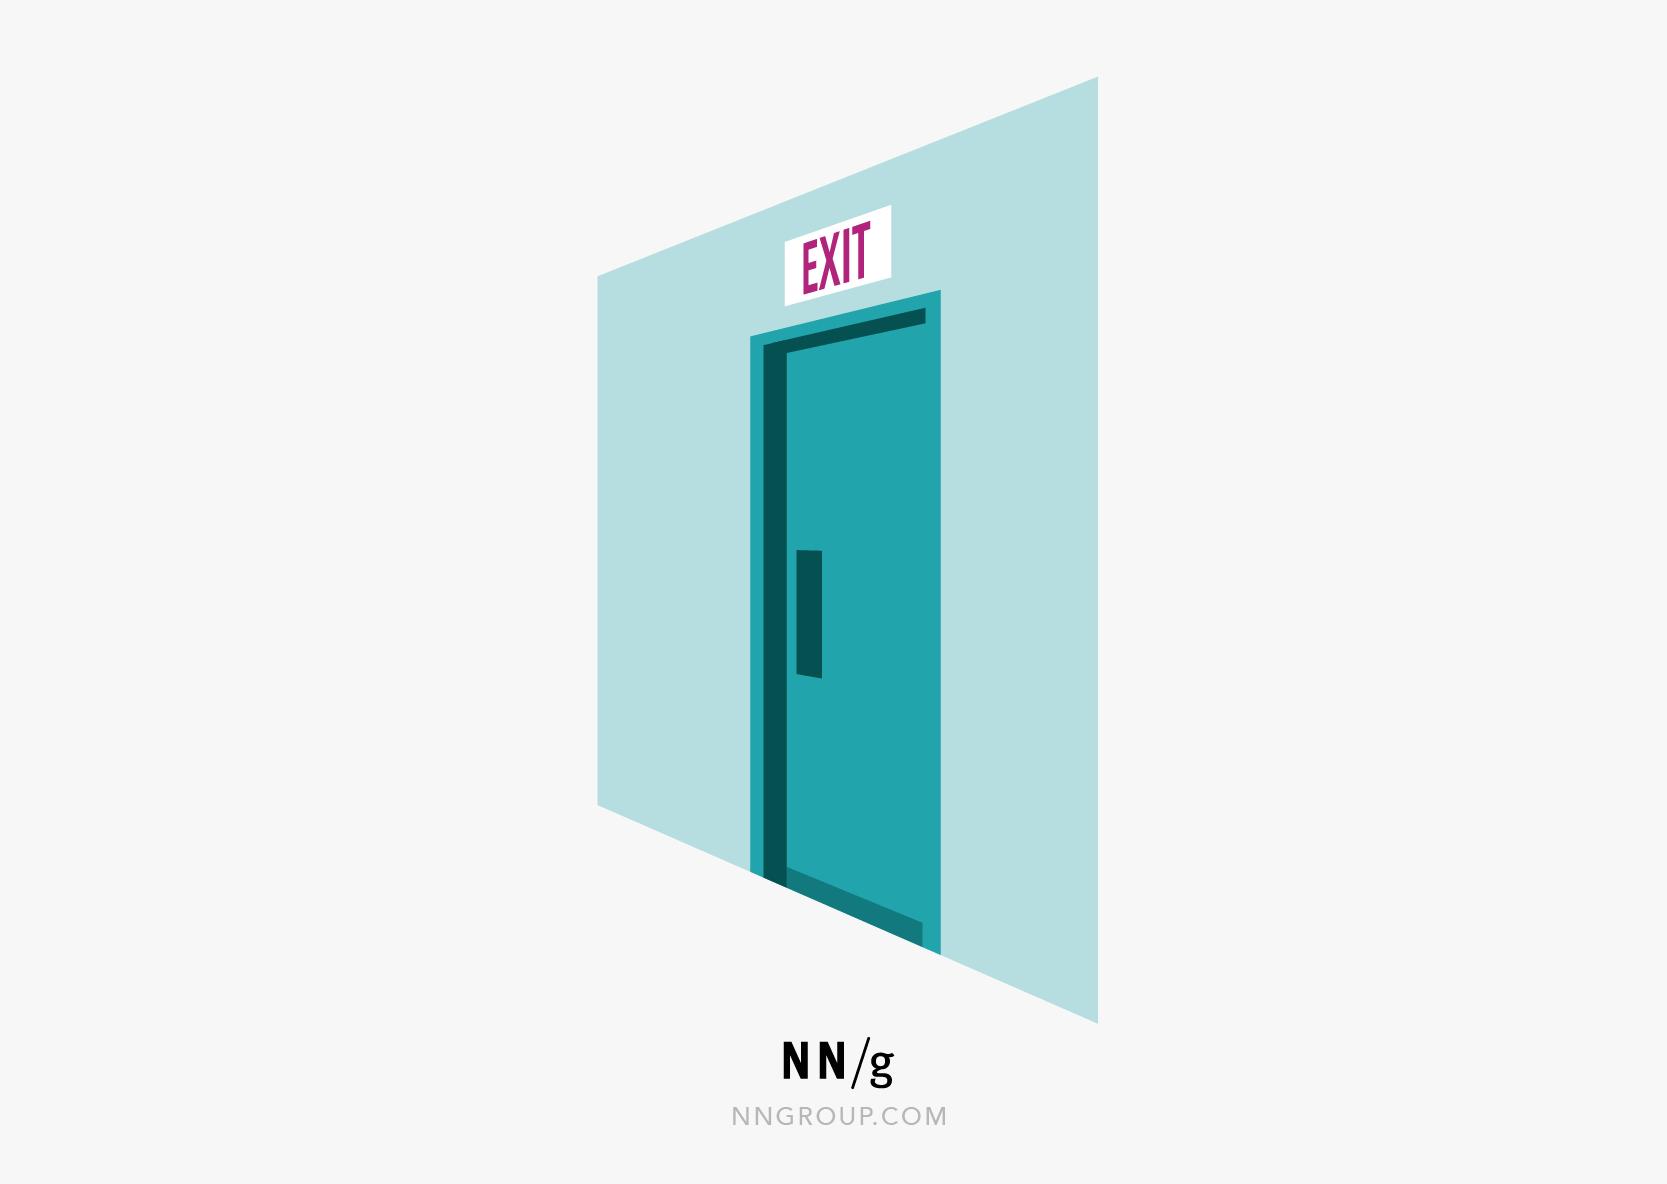 可用启发式#3:一个带有灯光紧急出口的门。